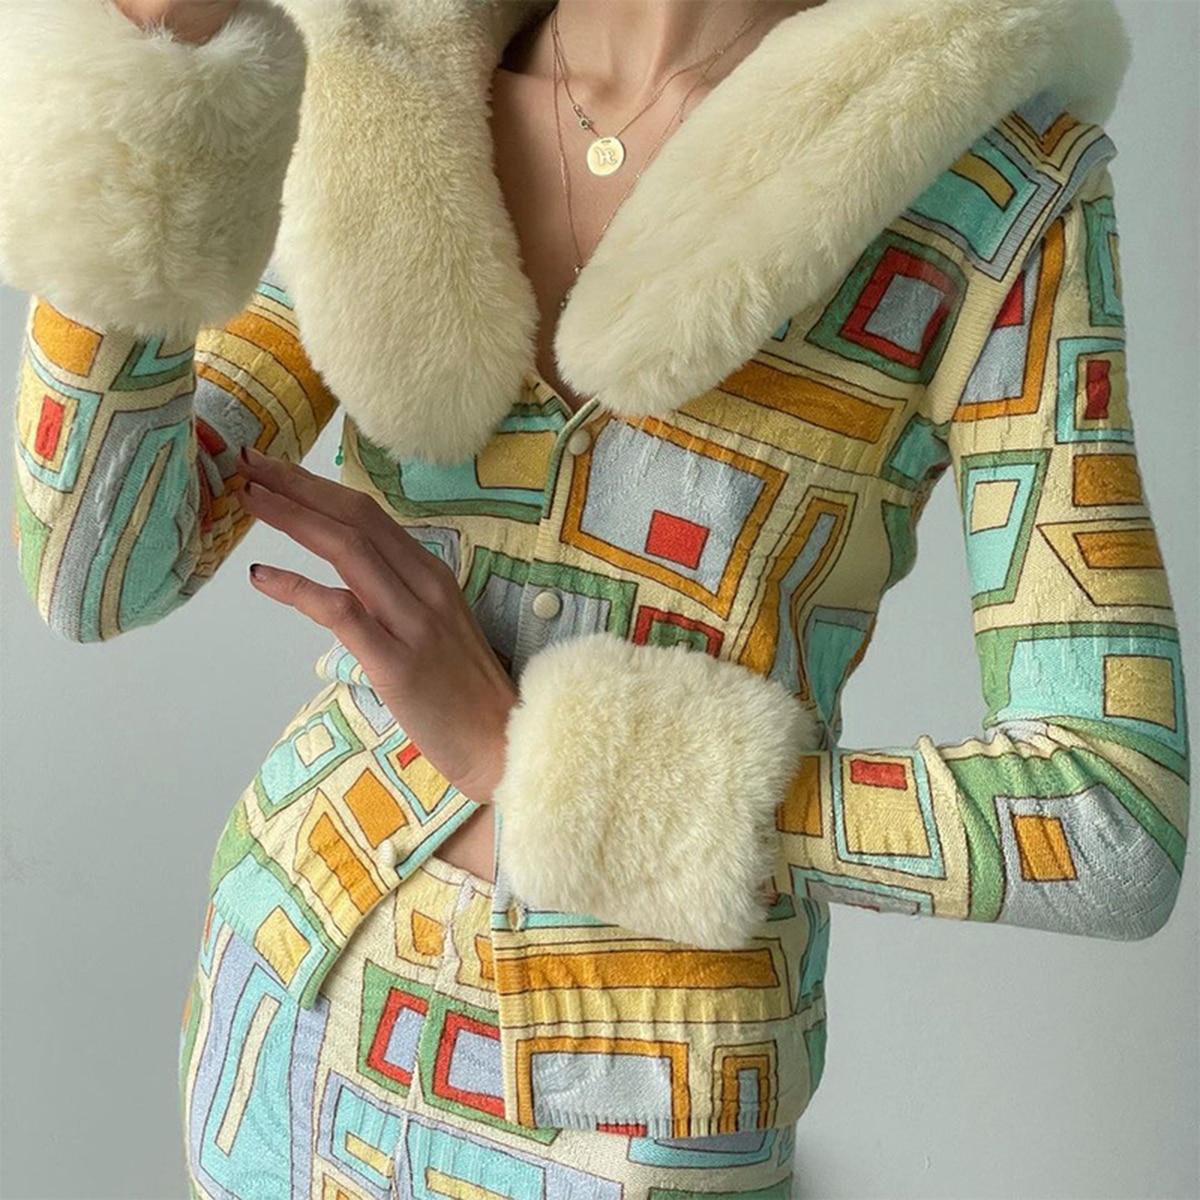 Модная осенне-зимняя флисовая куртка, пушистая теплая укороченная однобортная верхняя одежда, женская верхняя одежда с лацканами, Лидер пр...